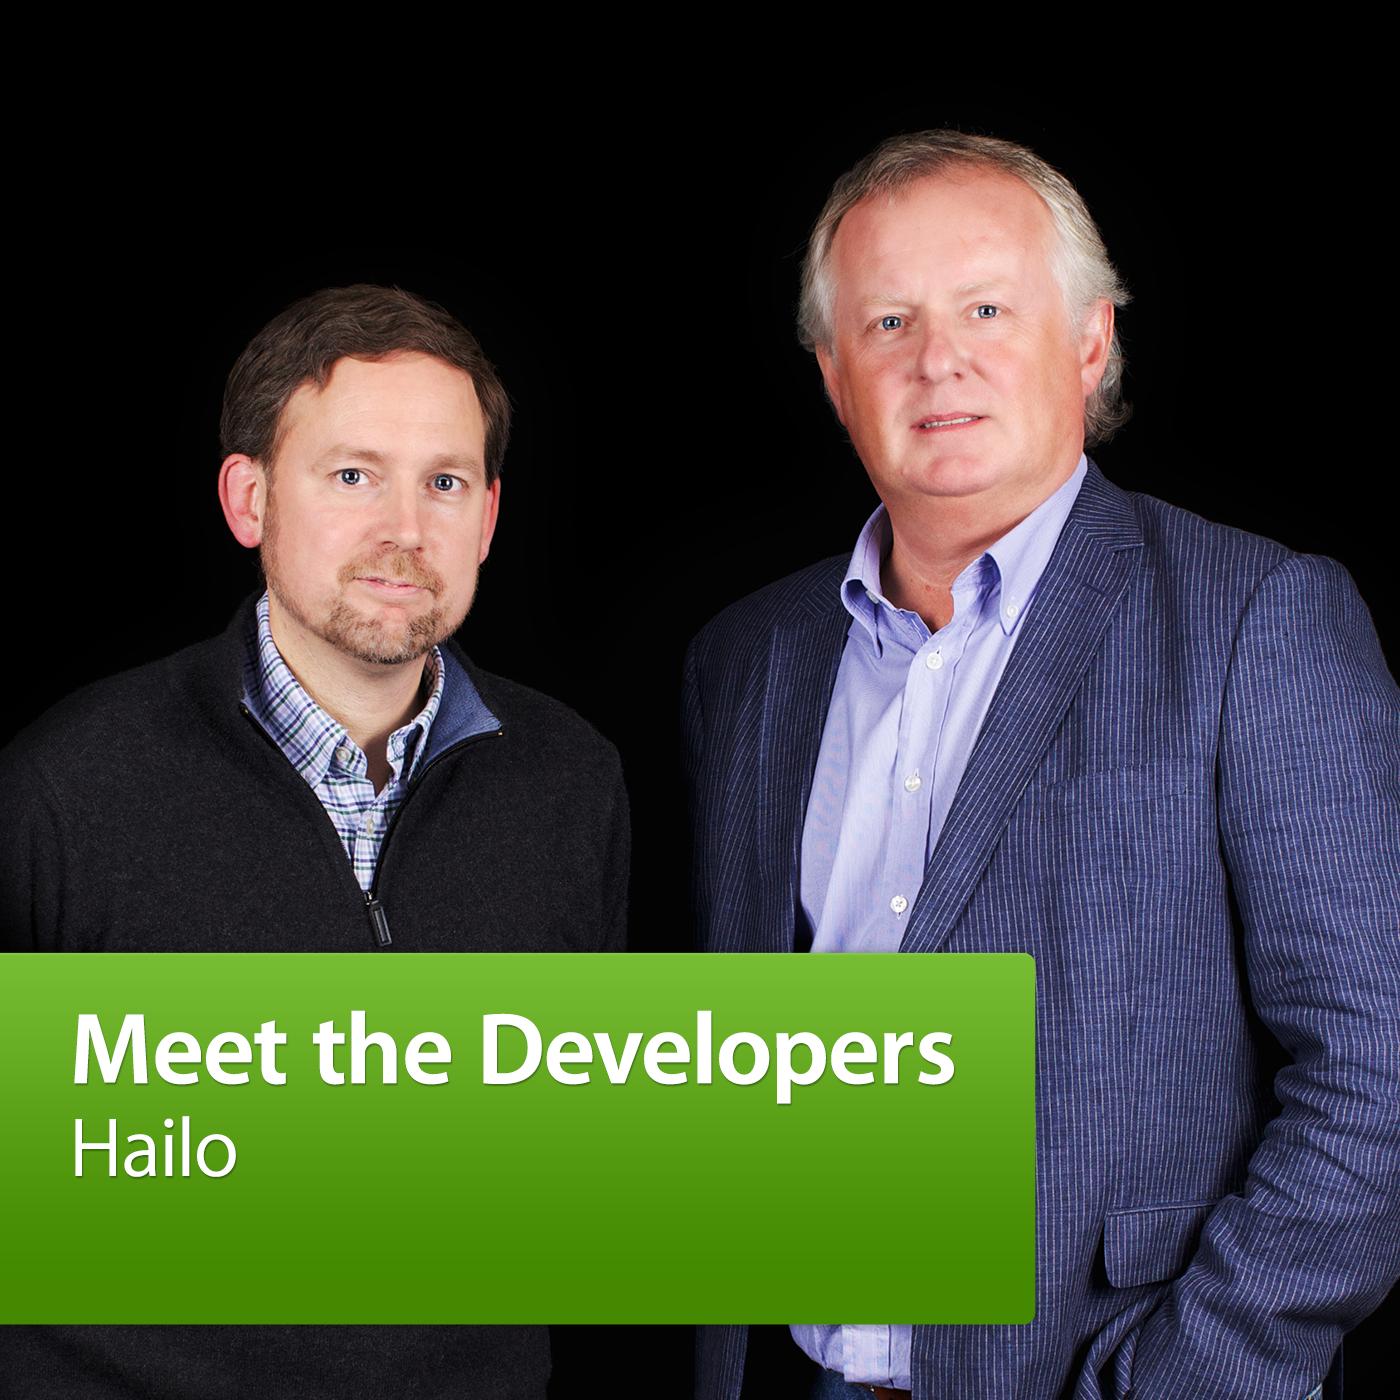 Hailo: Meet the Developer